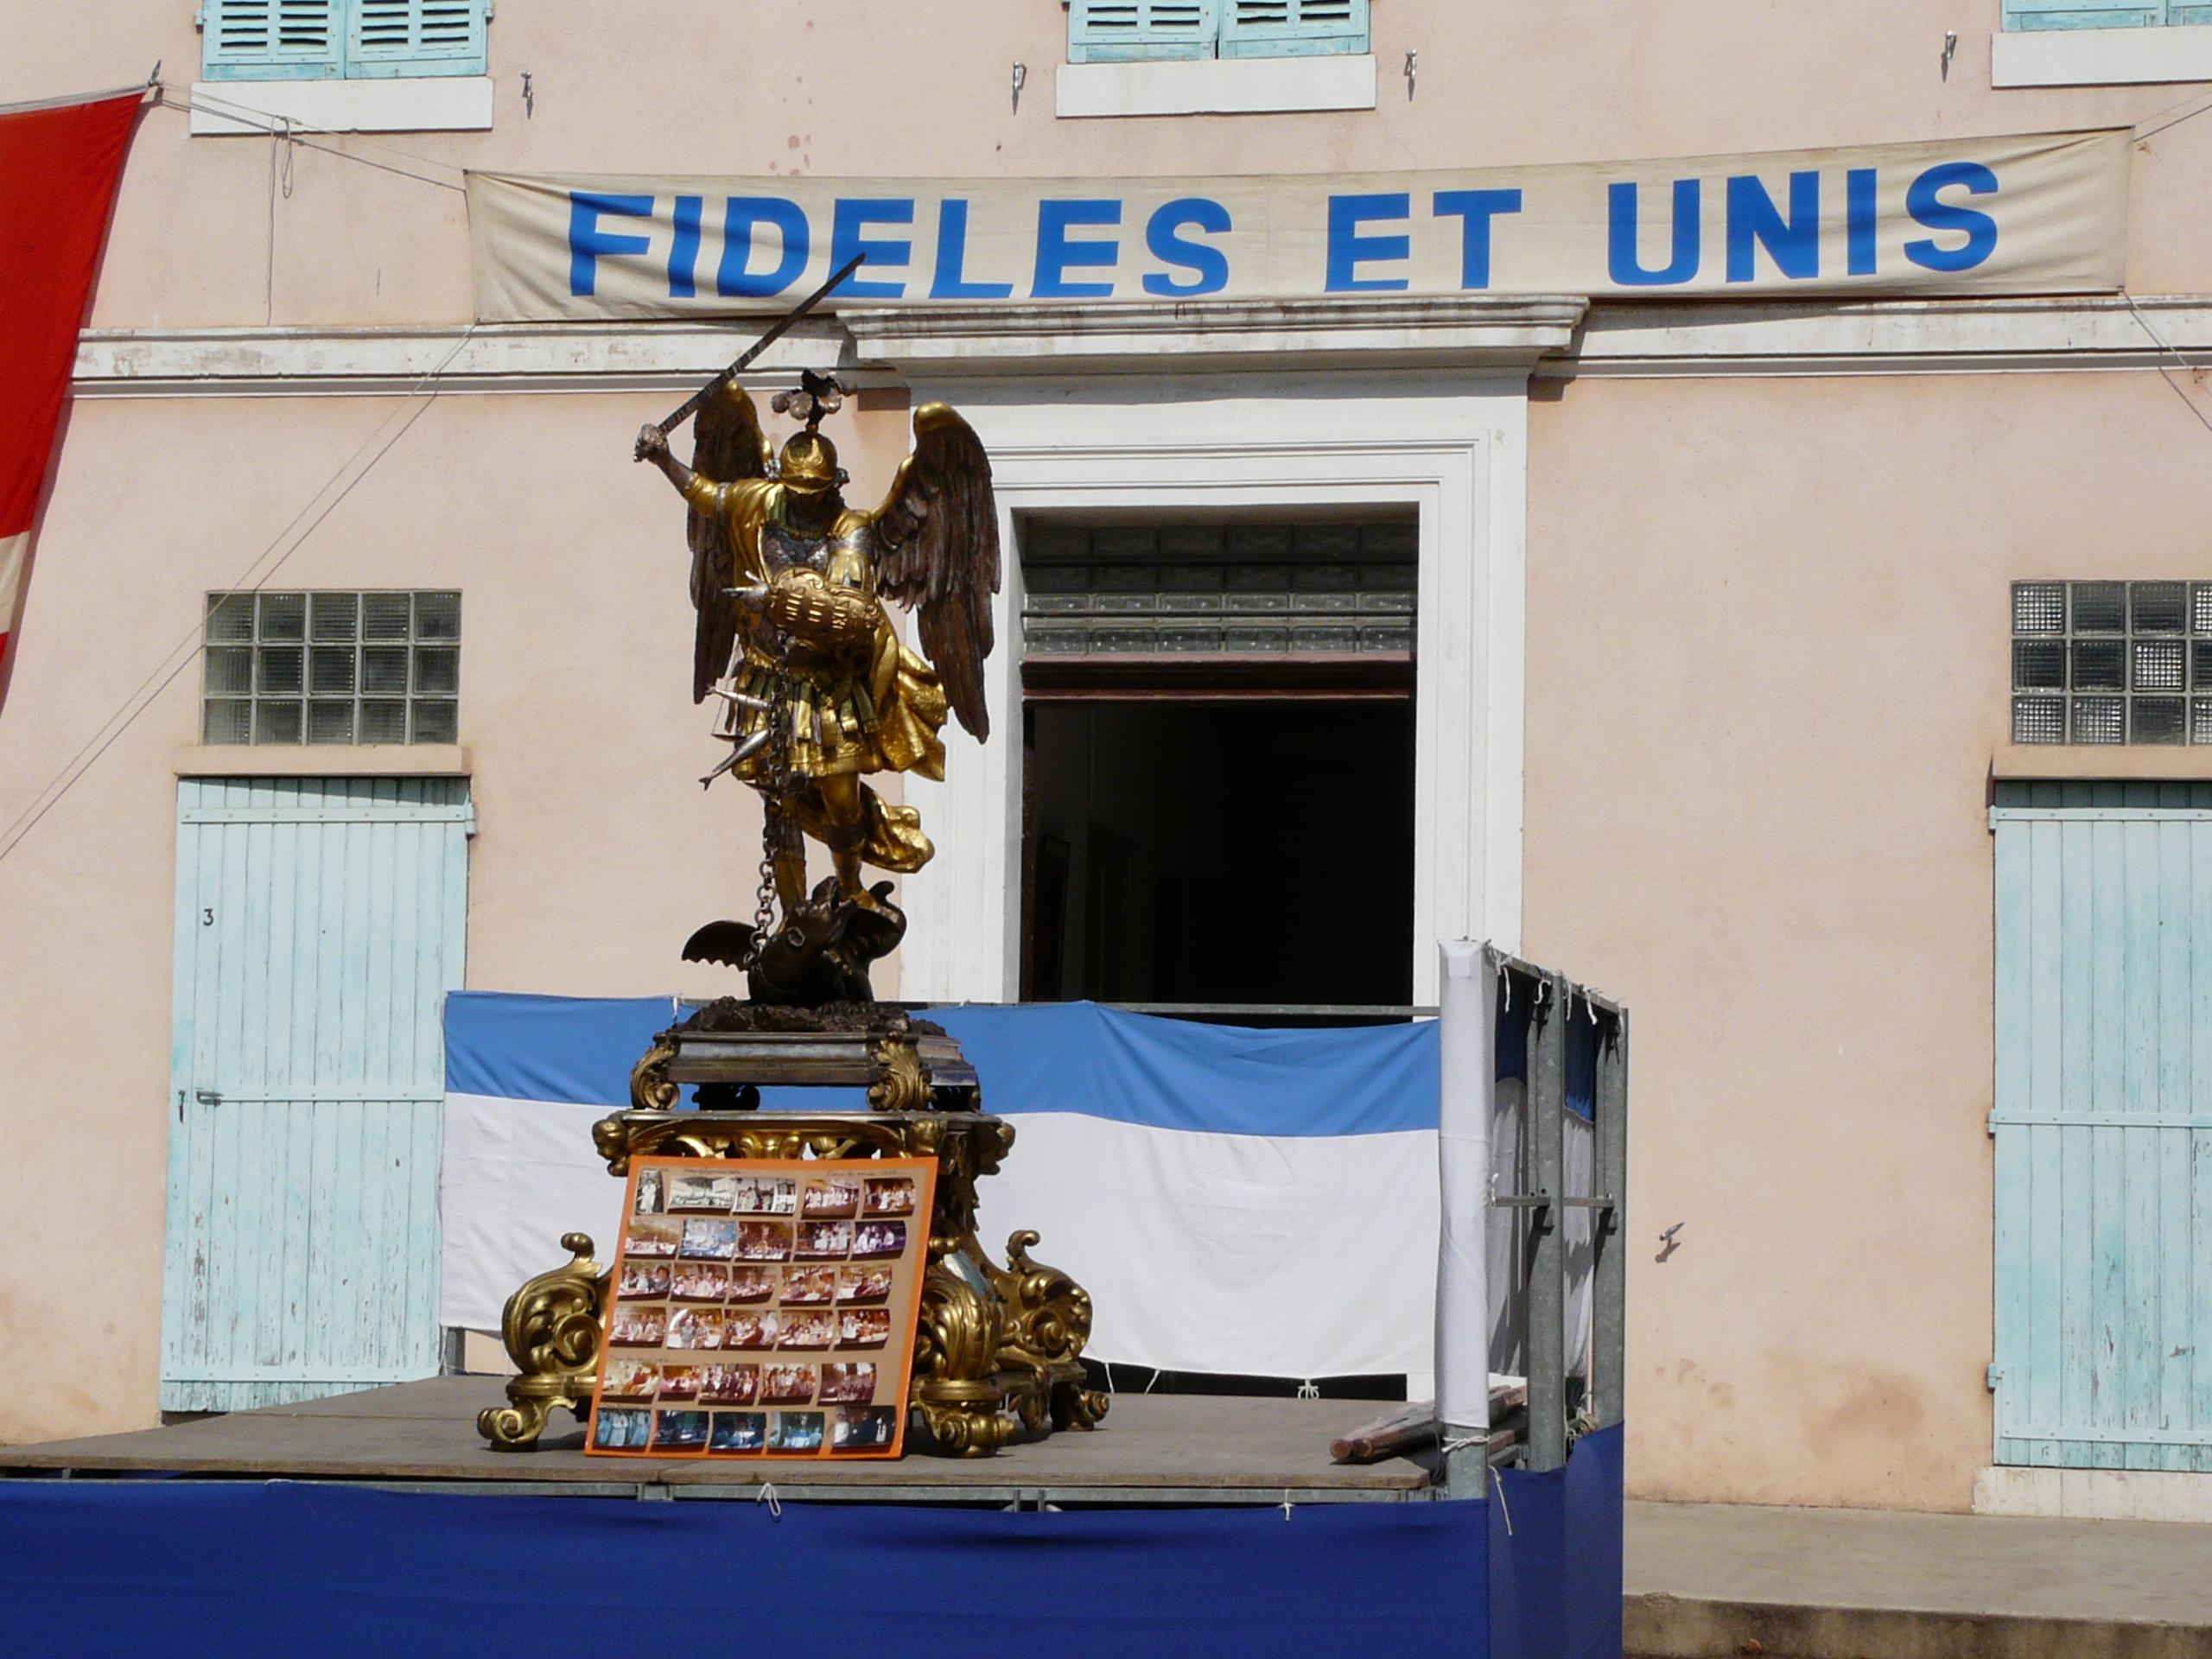 club rencontres la ciotat Site de rencontre pour aixois et aixoises célibataires dialogue, tchat grâce au club de rencontre sur aix-en-provence.